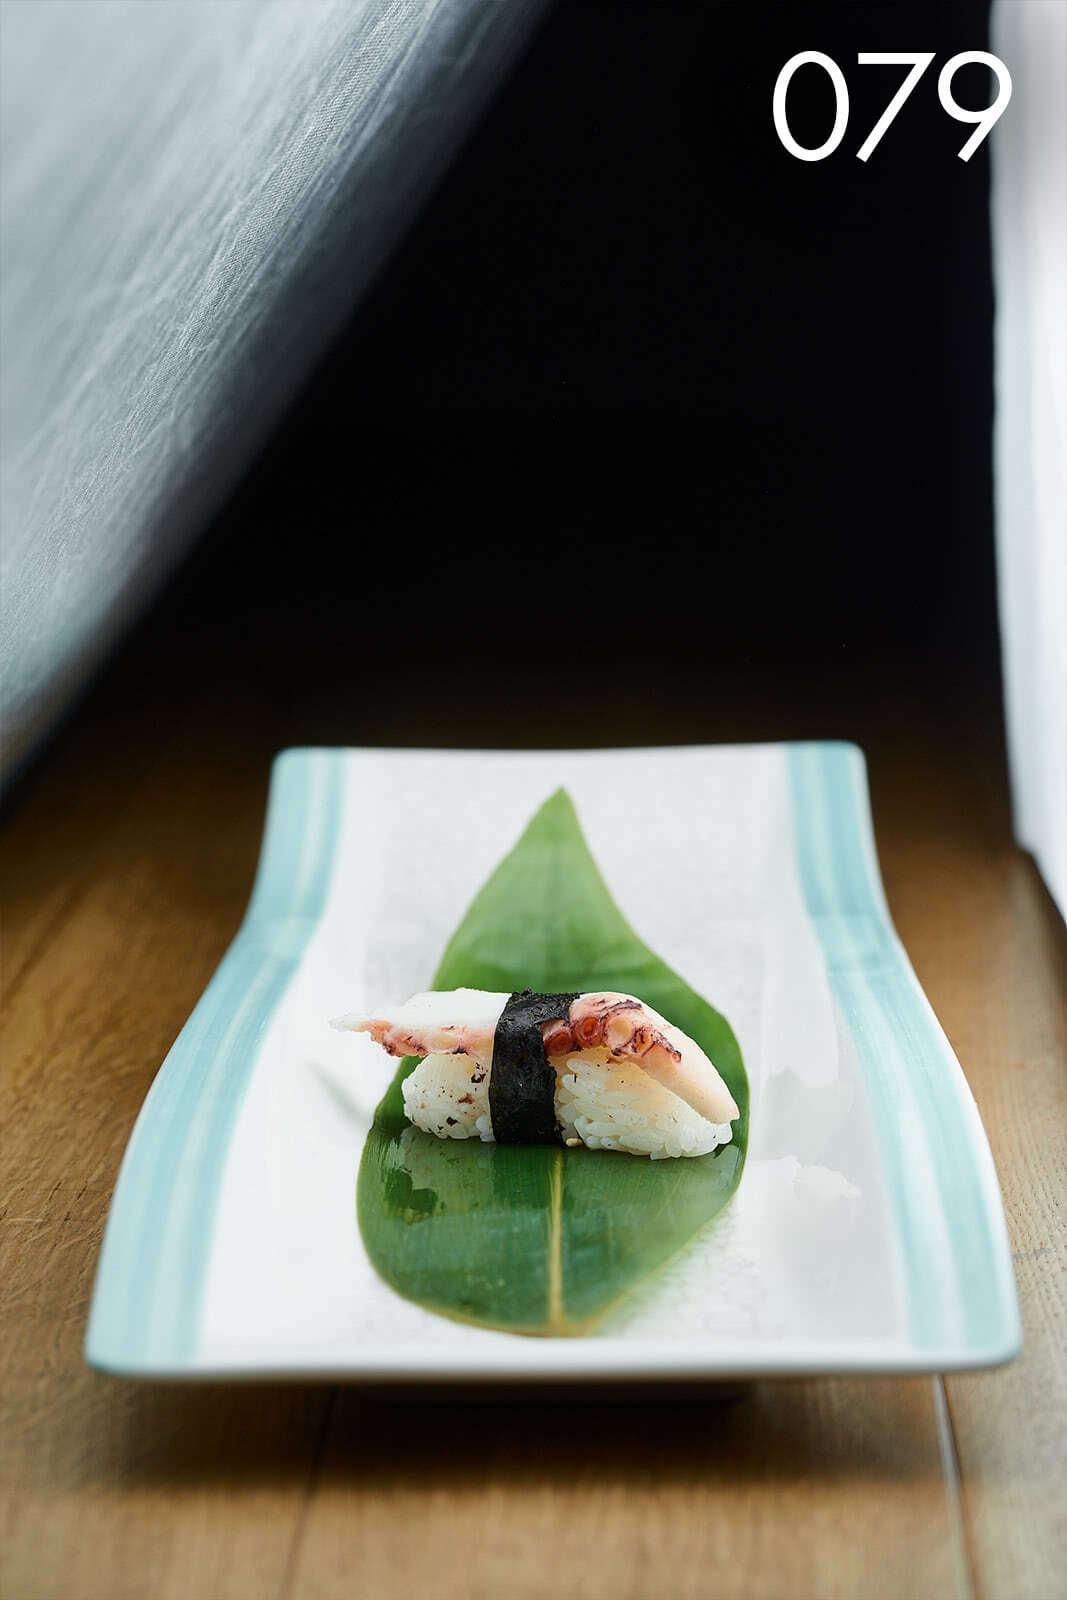 суши нигири с осьминогом в ресторане Веранда